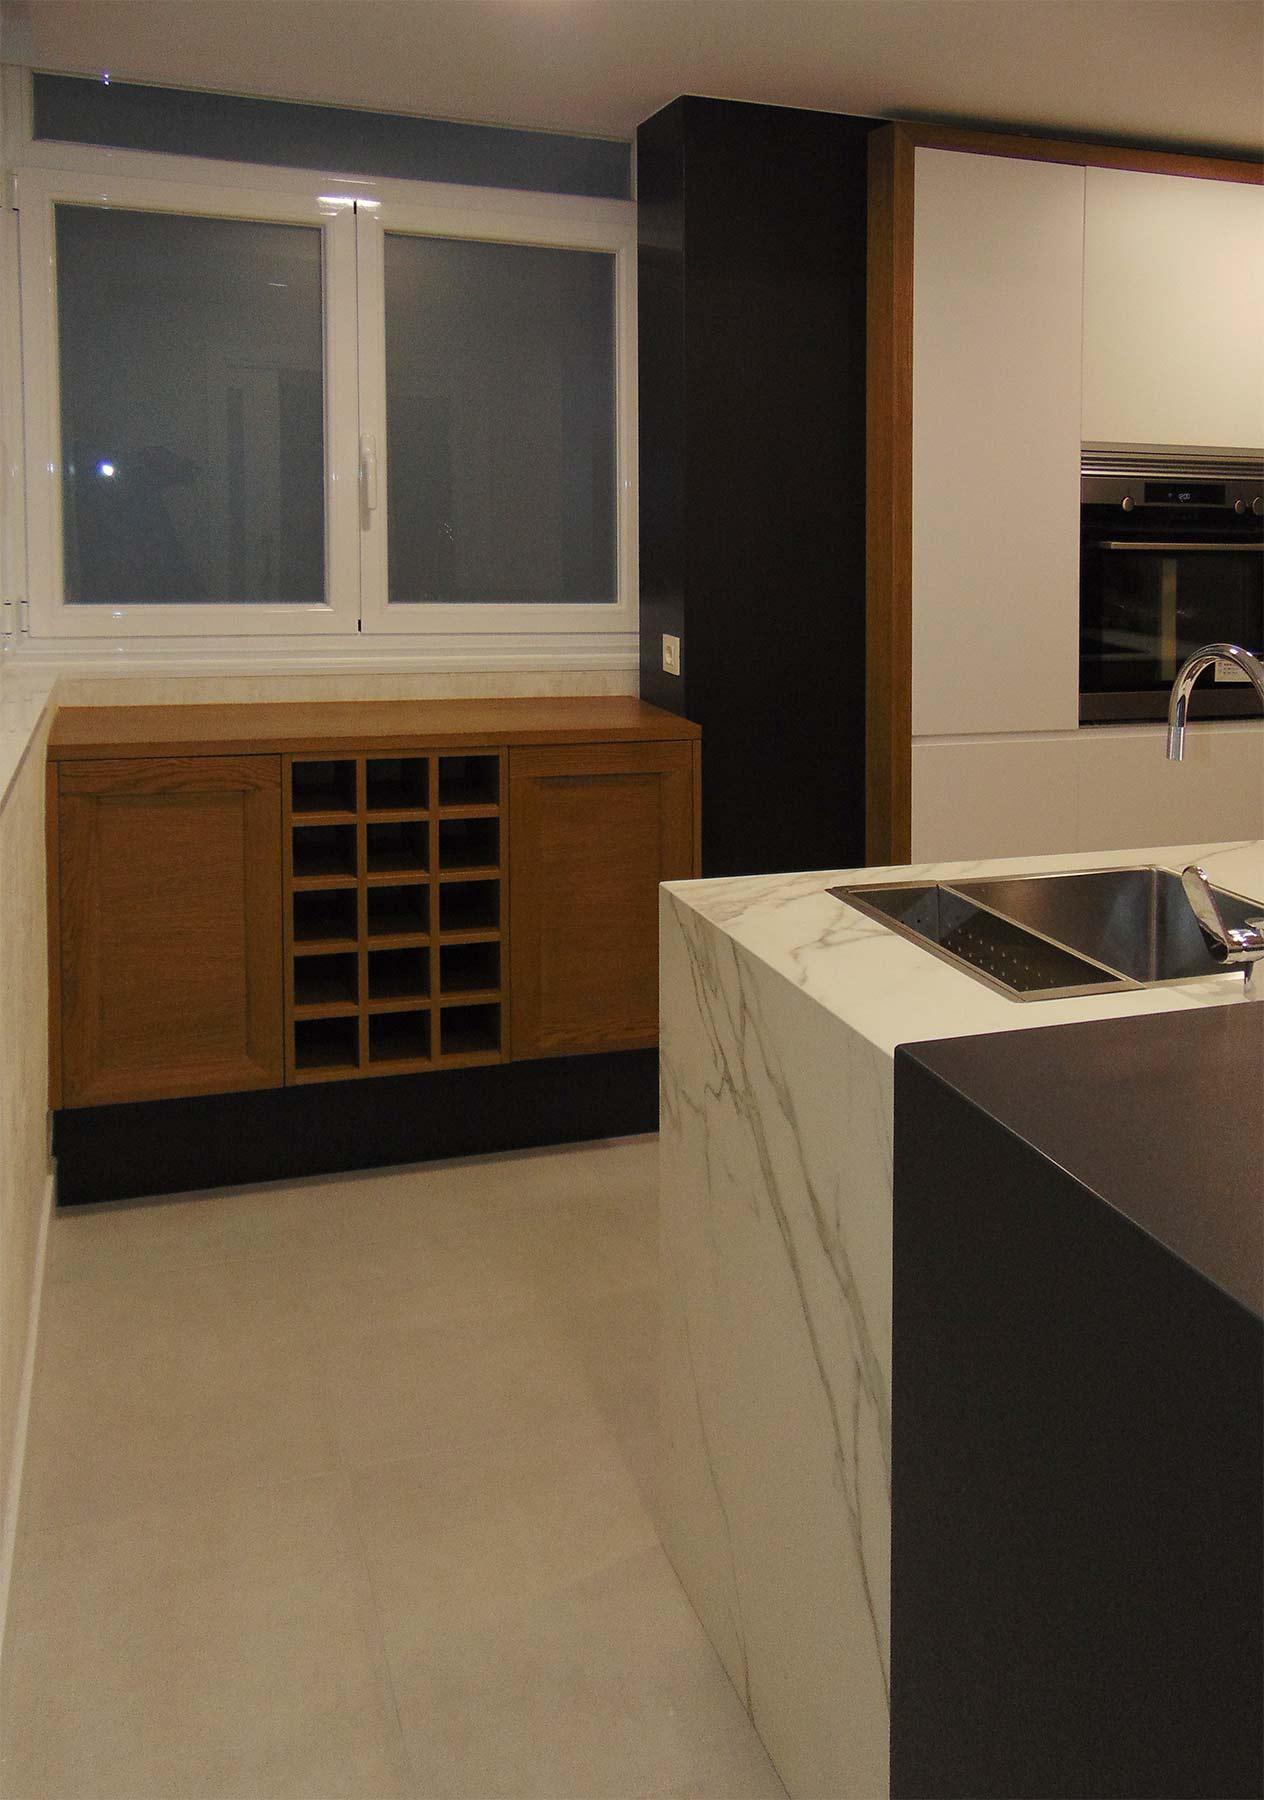 Vista de mueble con vinoteca, en madera de roble nuez